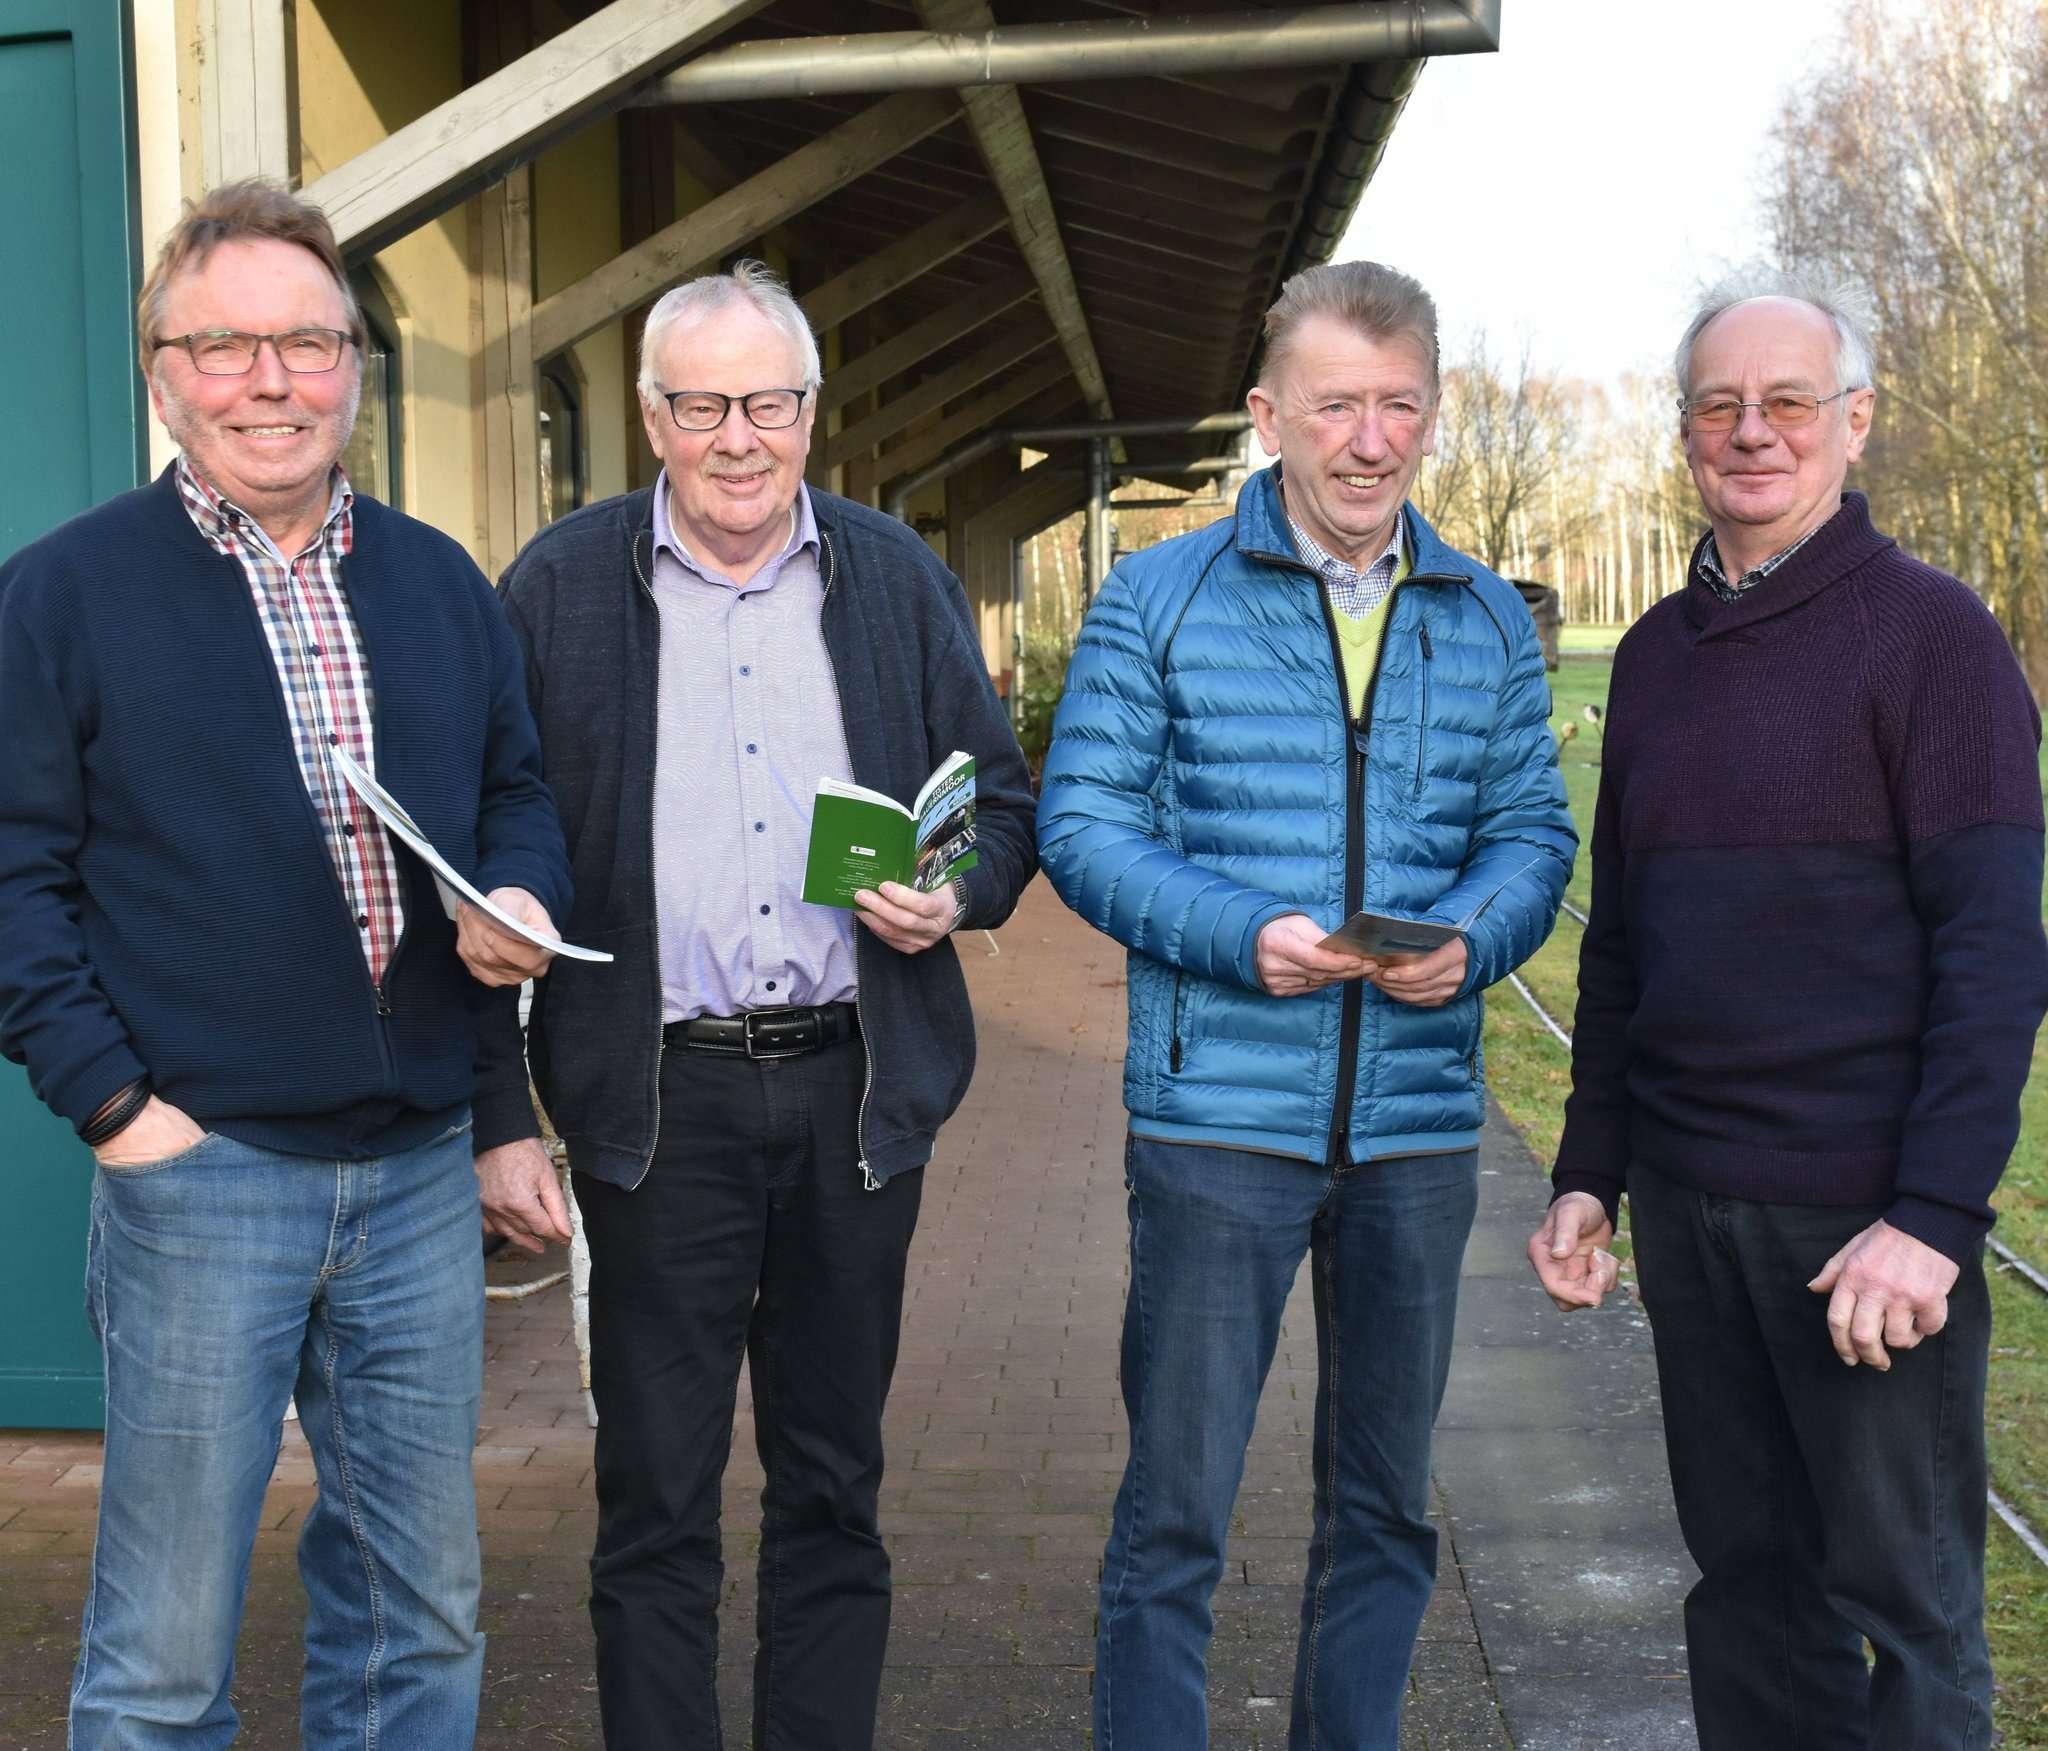 Jürgen Otten (von links), Hartmut Vollmer, Bernd Herzig und Hans-Werner Düver ziehen beim Blick zurück auf das vergangene Jahr ein positives Resümee. Foto: Heidrun Meyer